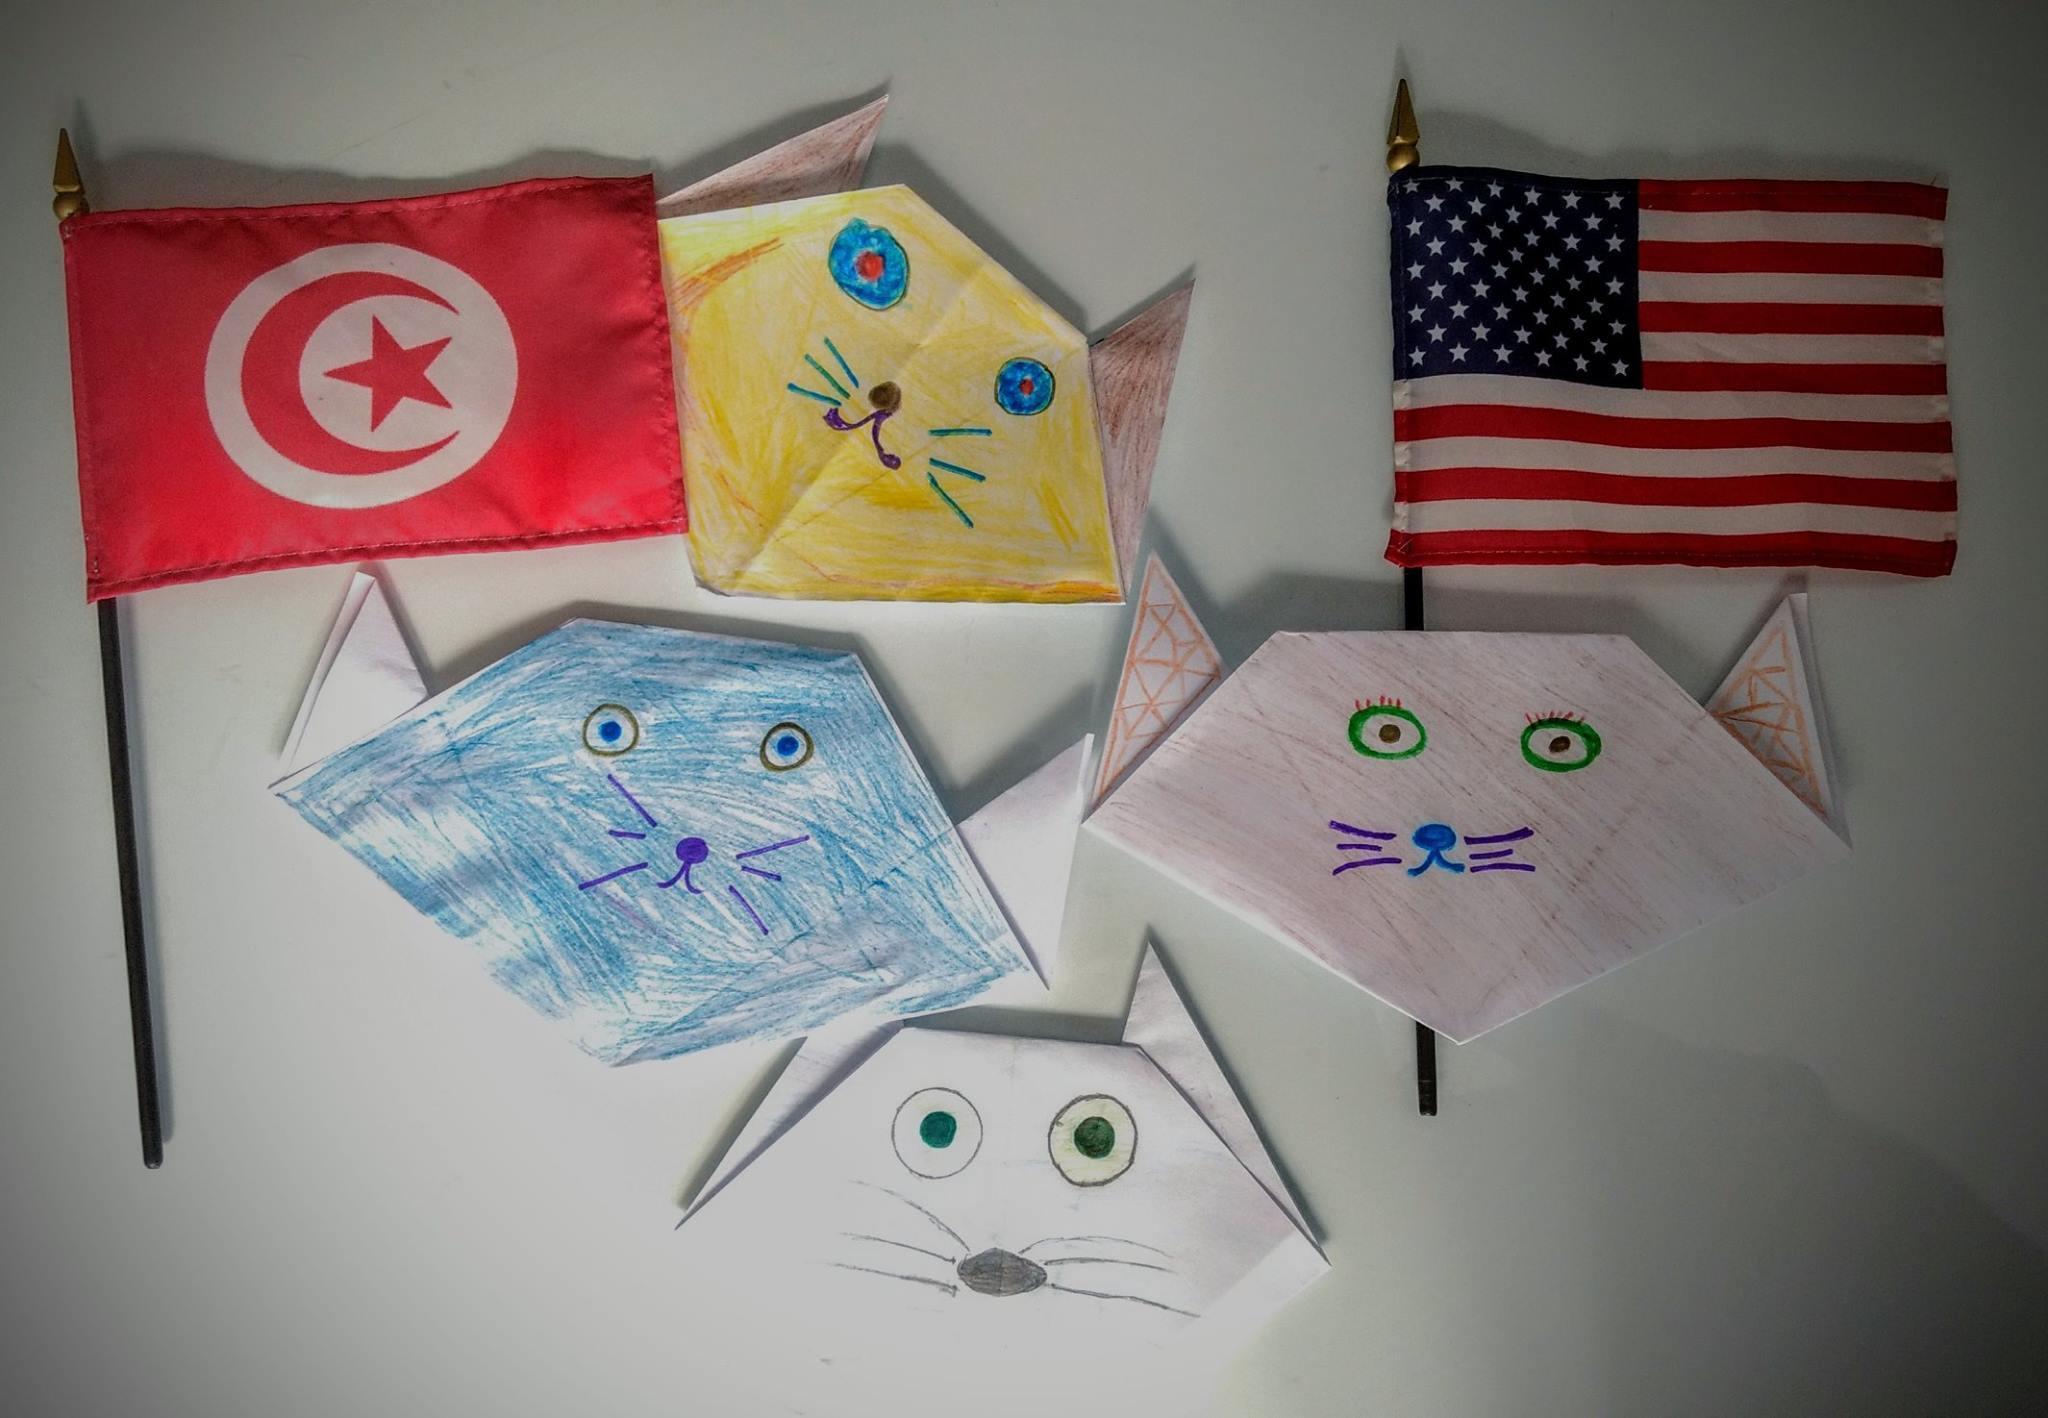 Fradj Frad Tunisia Volunteering